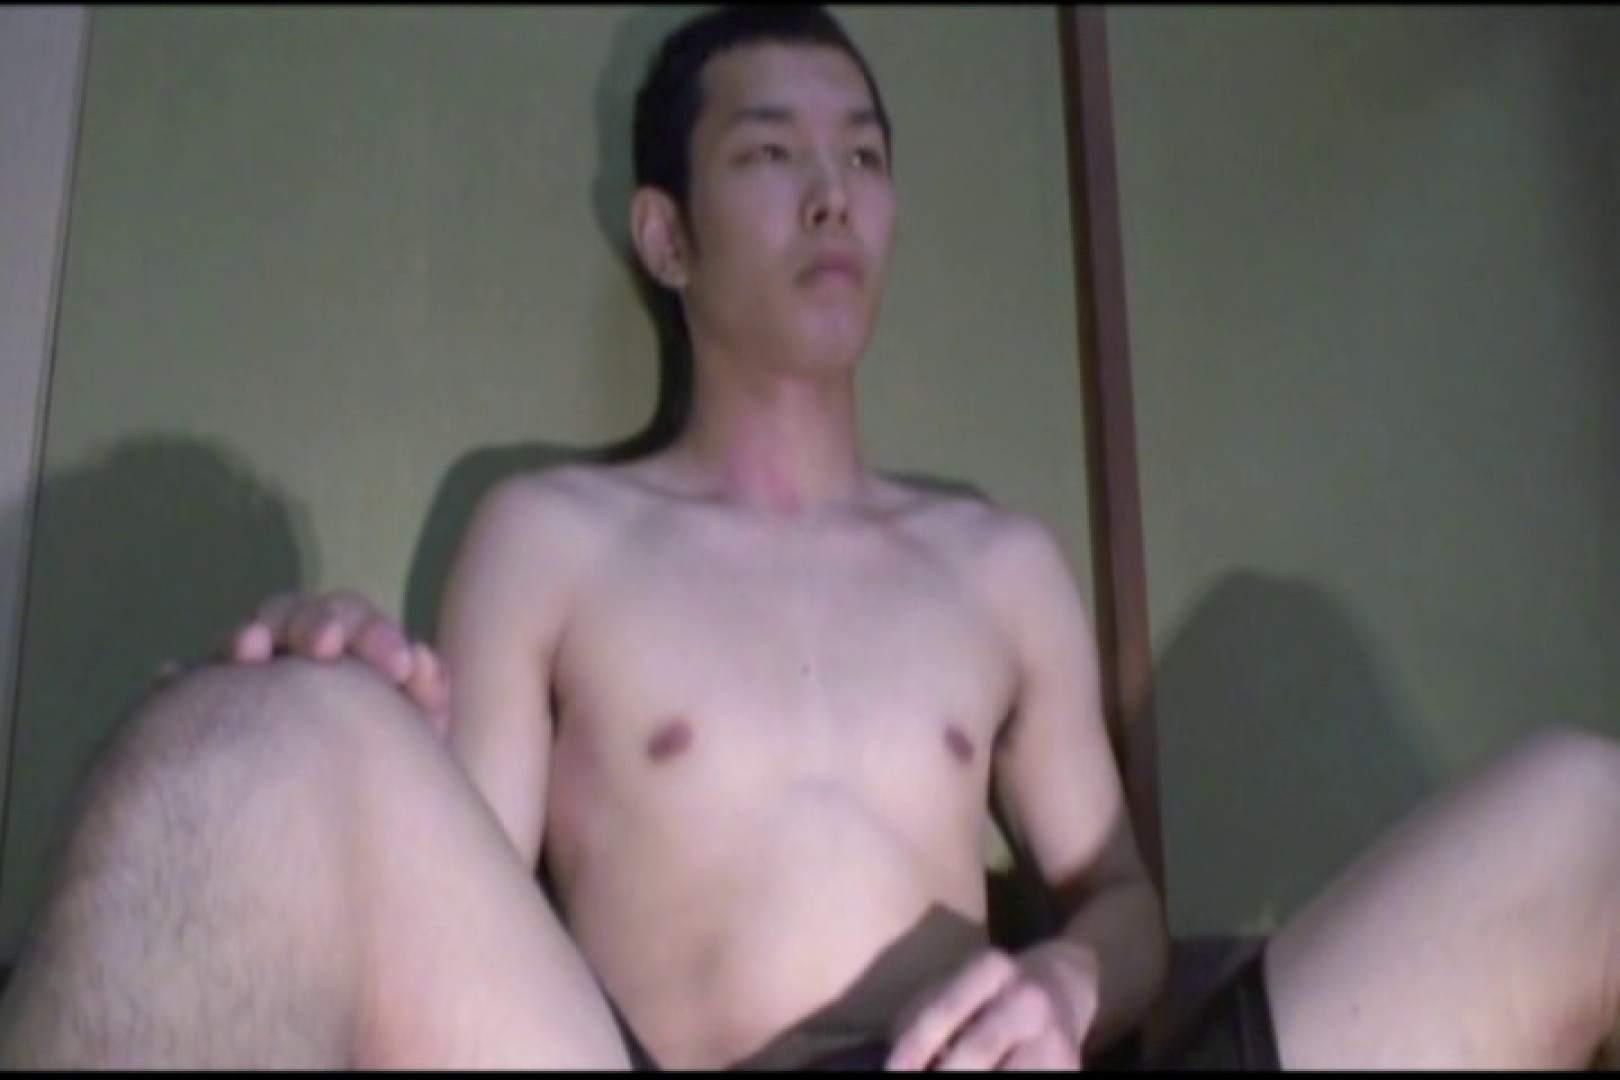 畳の部屋で・・・昇天。 男・男・男 しりまんこ画像 105枚 36